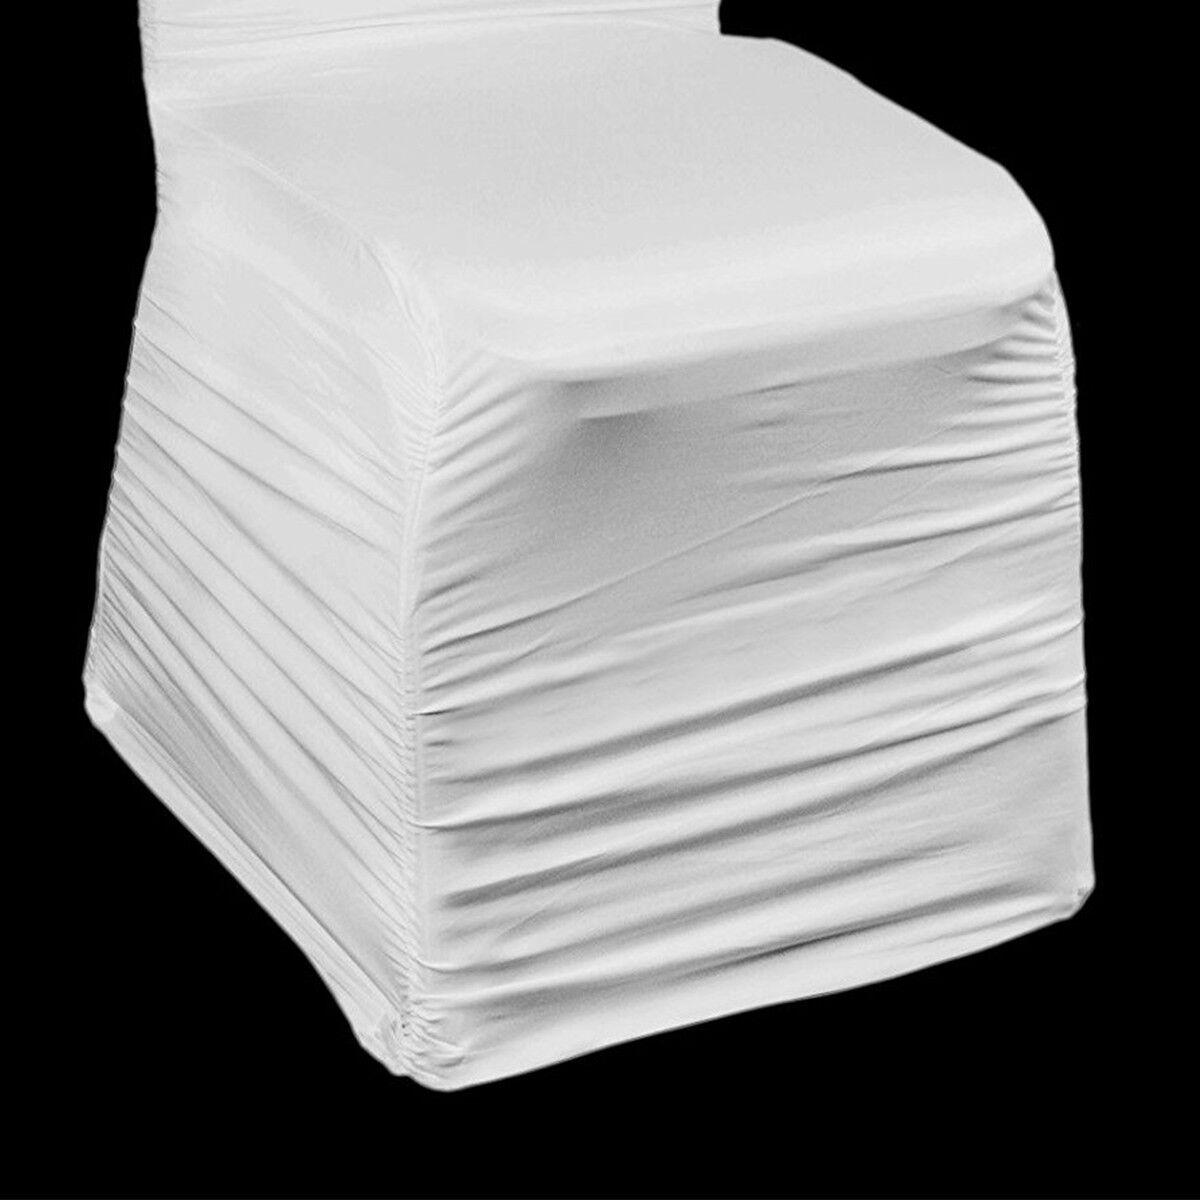 Stuhl Bezüge Spandex Lycra Stuhlbezug Stuhlbezug Stuhlbezug weiß zerzaust Jahrestag Party Hochzeit | Um Eine Hohe Bewunderung Gewinnen Und Ist Weit Verbreitet Trusted In-und   |  2a9411